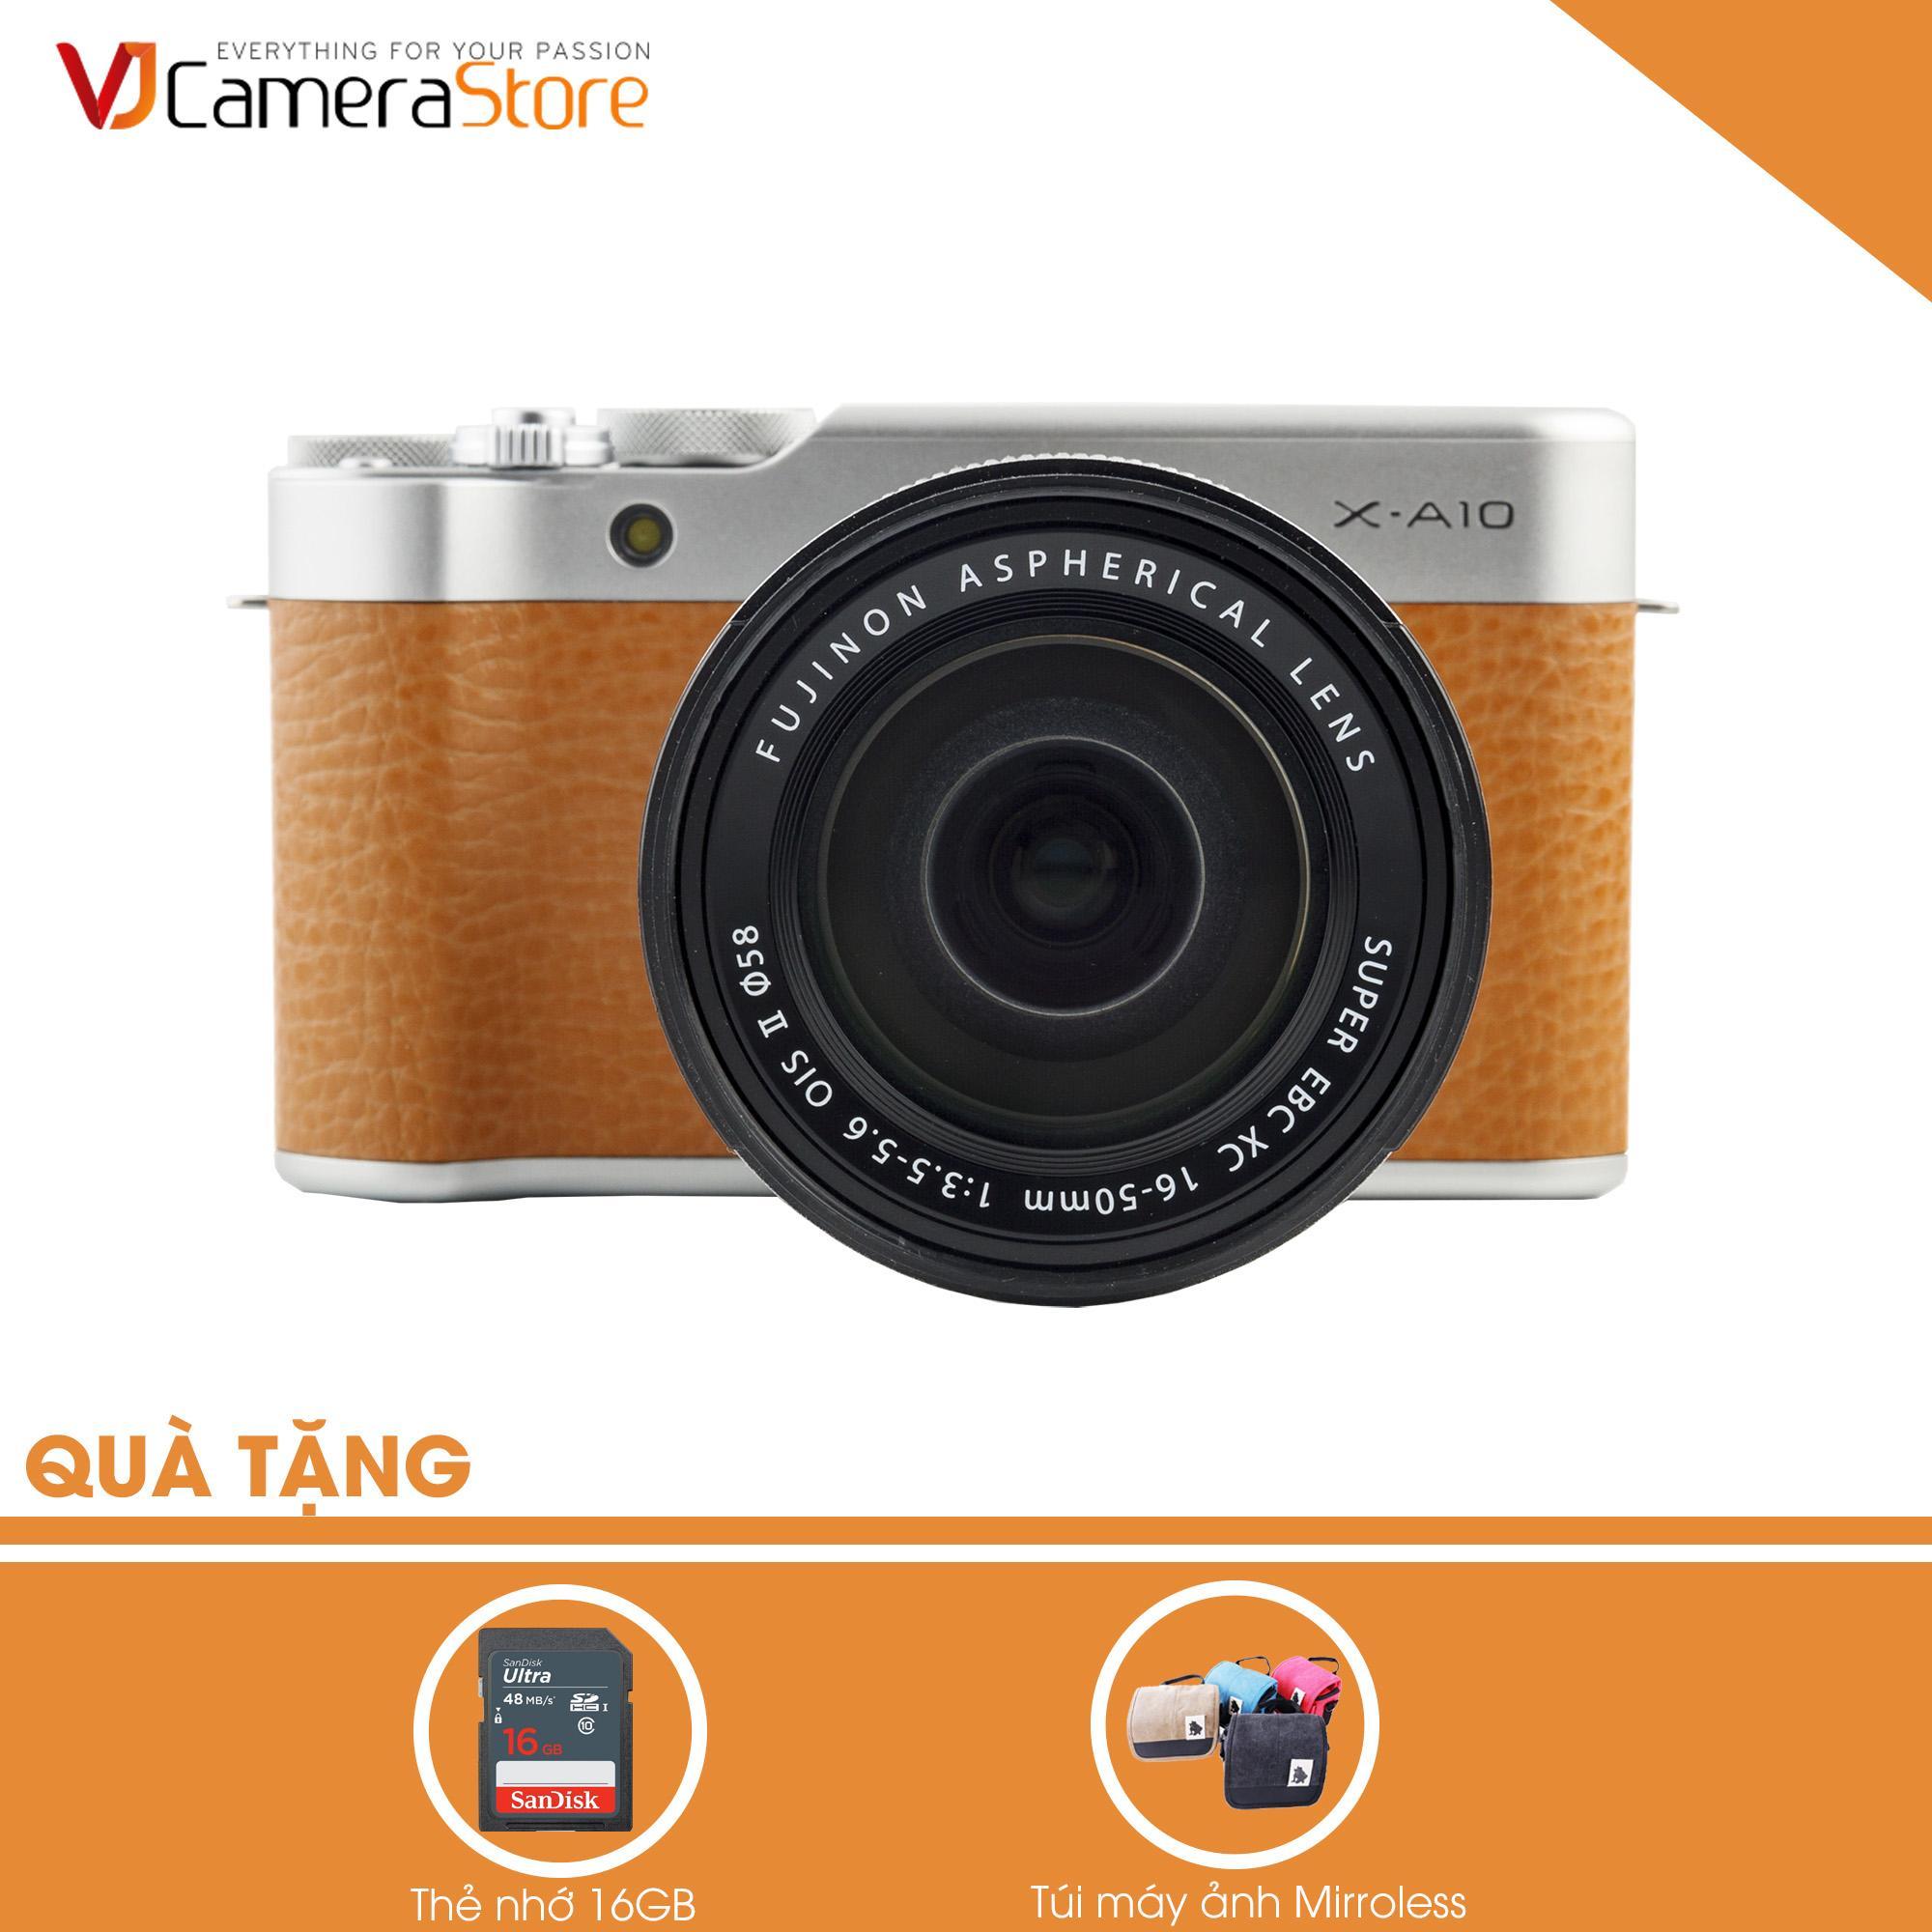 Cửa Hàng Fujifilm X A10 Nau Lens Kit Xc 16 50Mm F3 5 5 6 Ois Ii Hang Phan Phối Chinh Hang Tặng Kem 1 Thẻ 16Gb Tui Mirroless Fujifilm Trực Tuyến